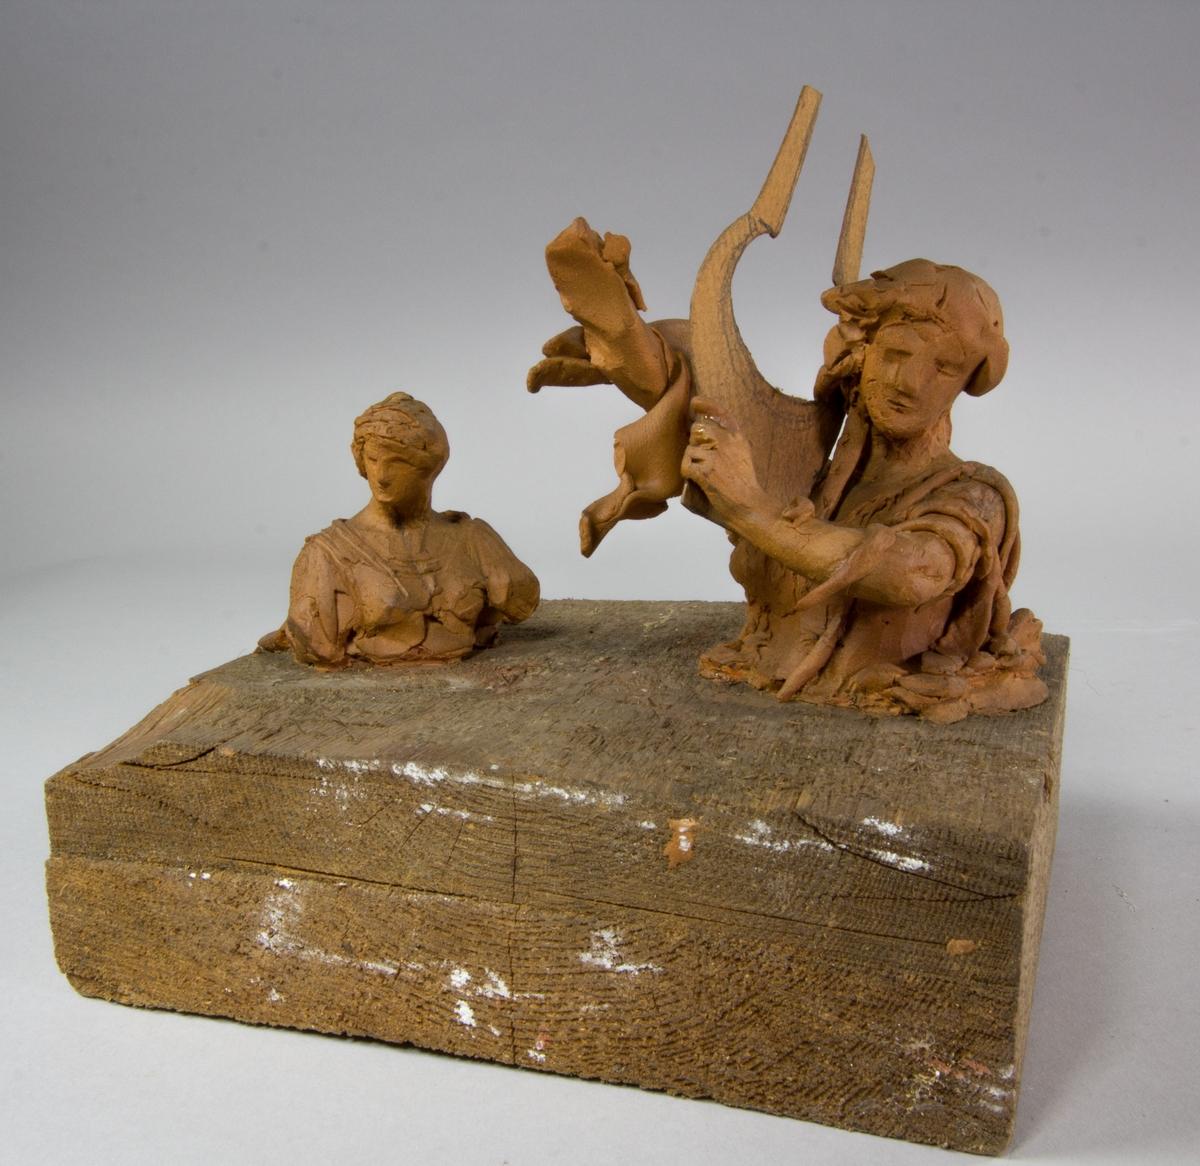 Två kvinnofigurer, midjebild. En spelar på en lyra.